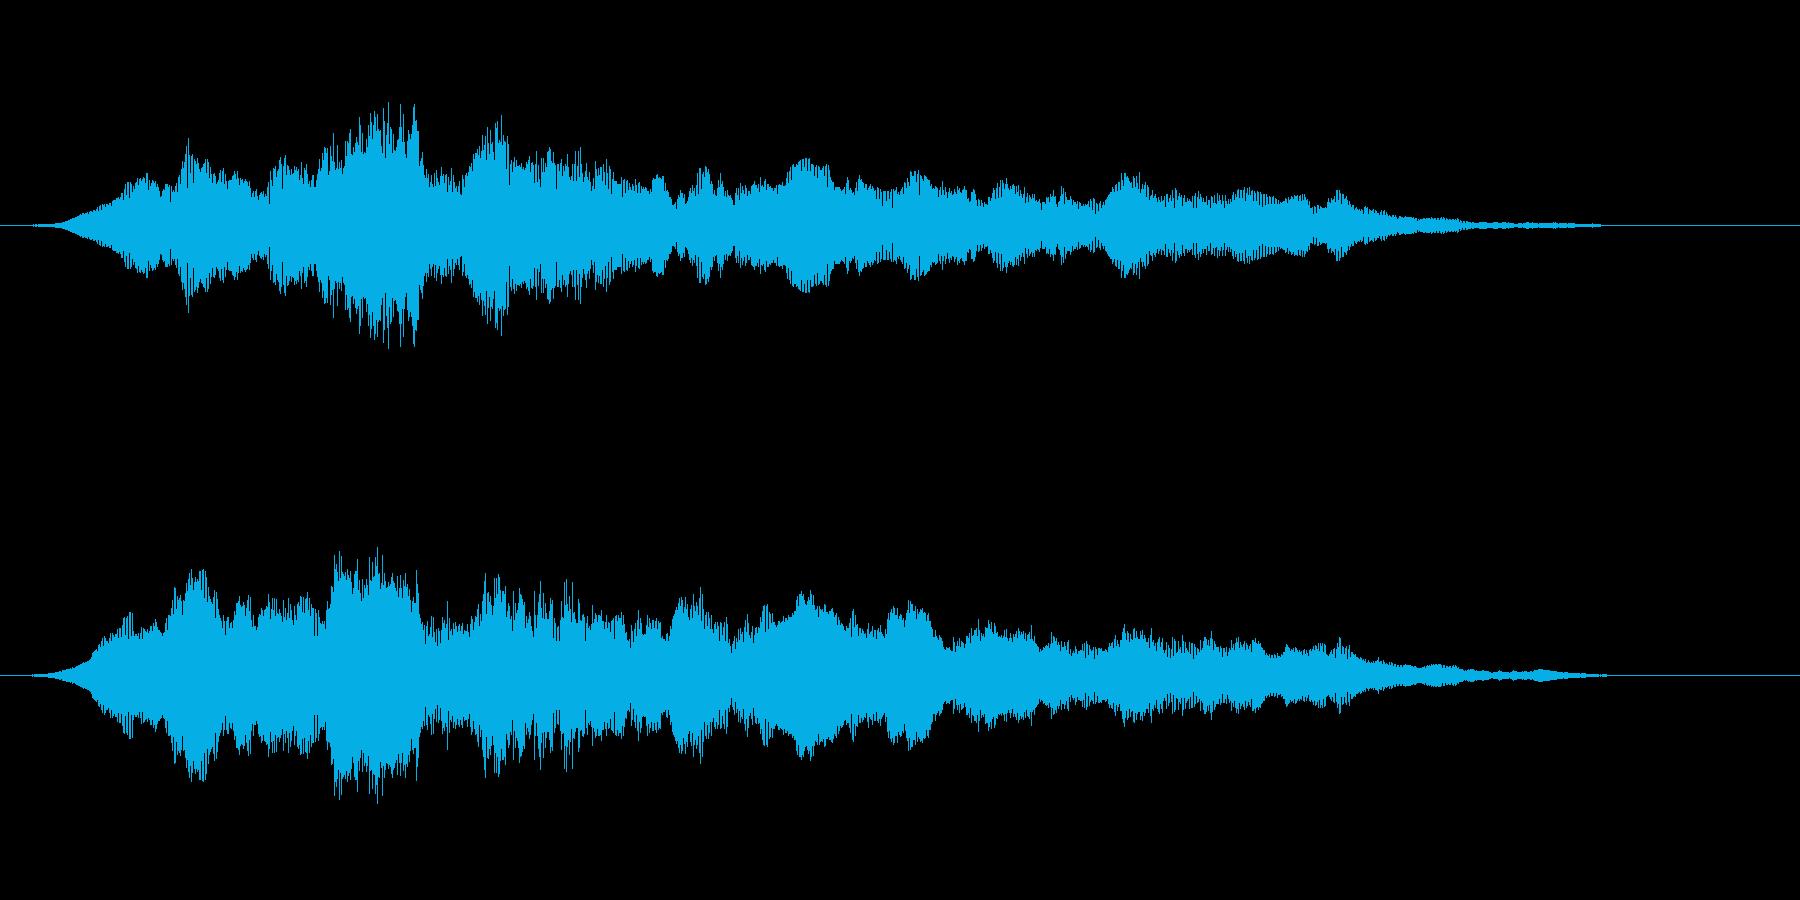 ホラーな低音 緊迫感や恐怖を描く音の再生済みの波形